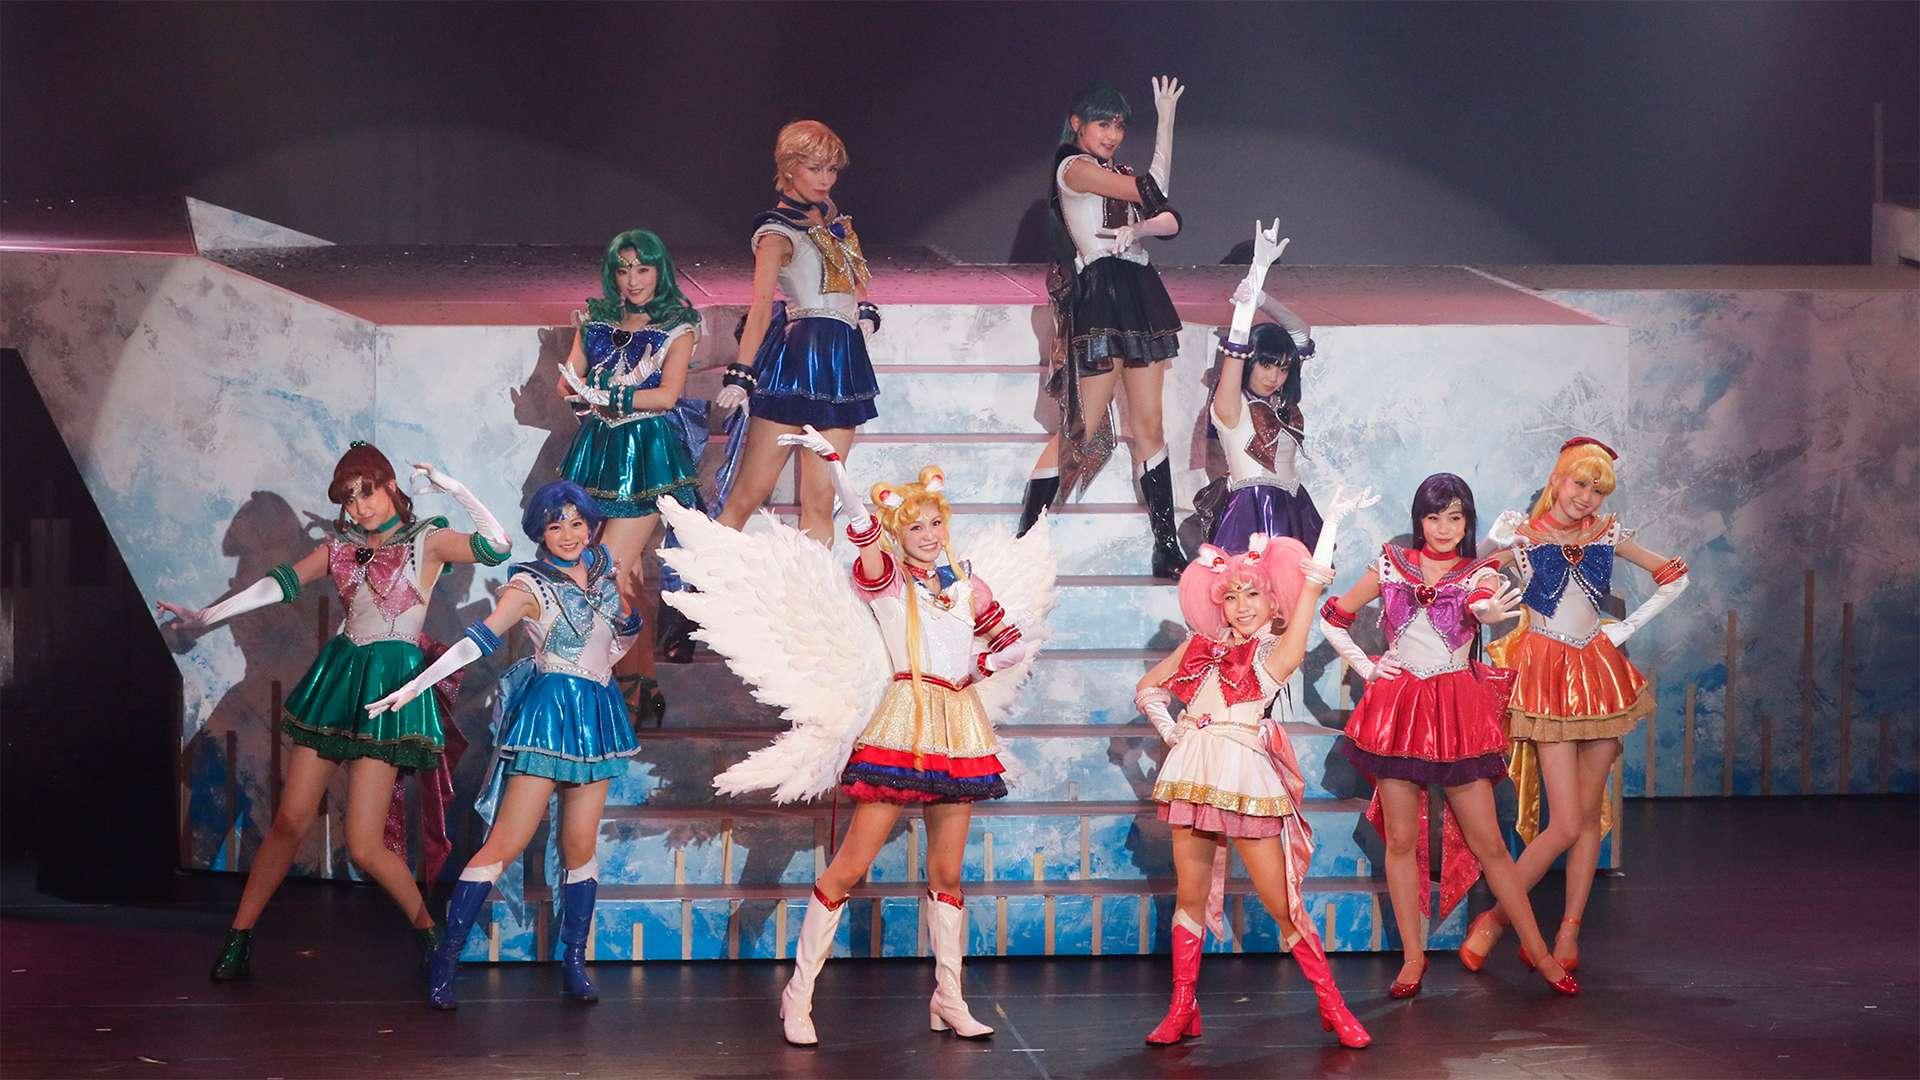 ミュージカル「美少女戦士セーラームーン」-Le Mouvement Final-(ル ムヴマン フィナール)